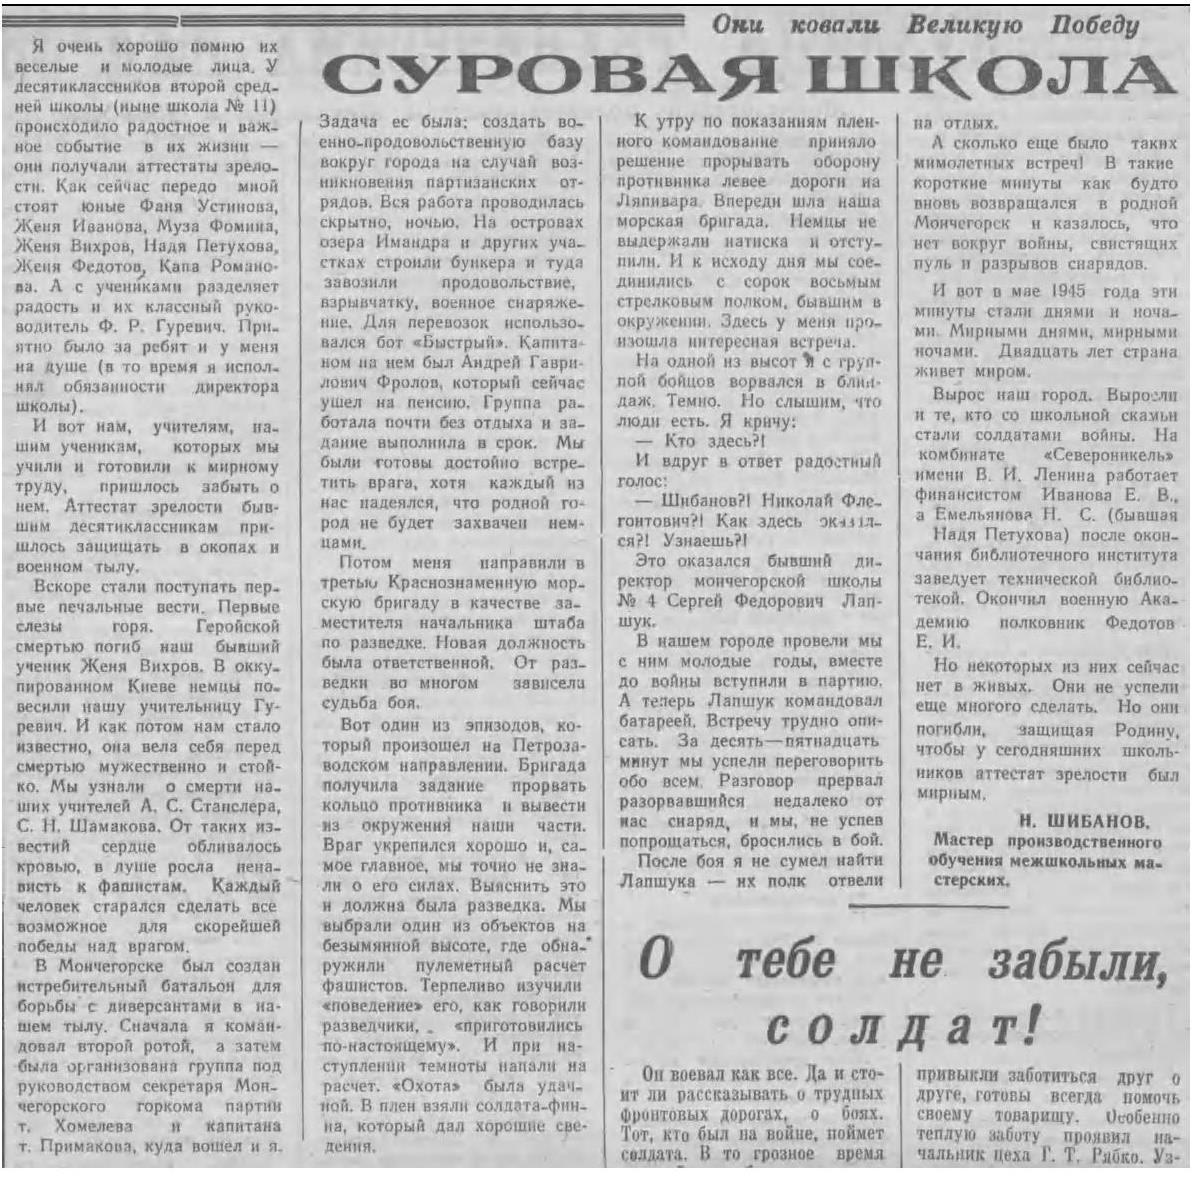 shibanov1 1